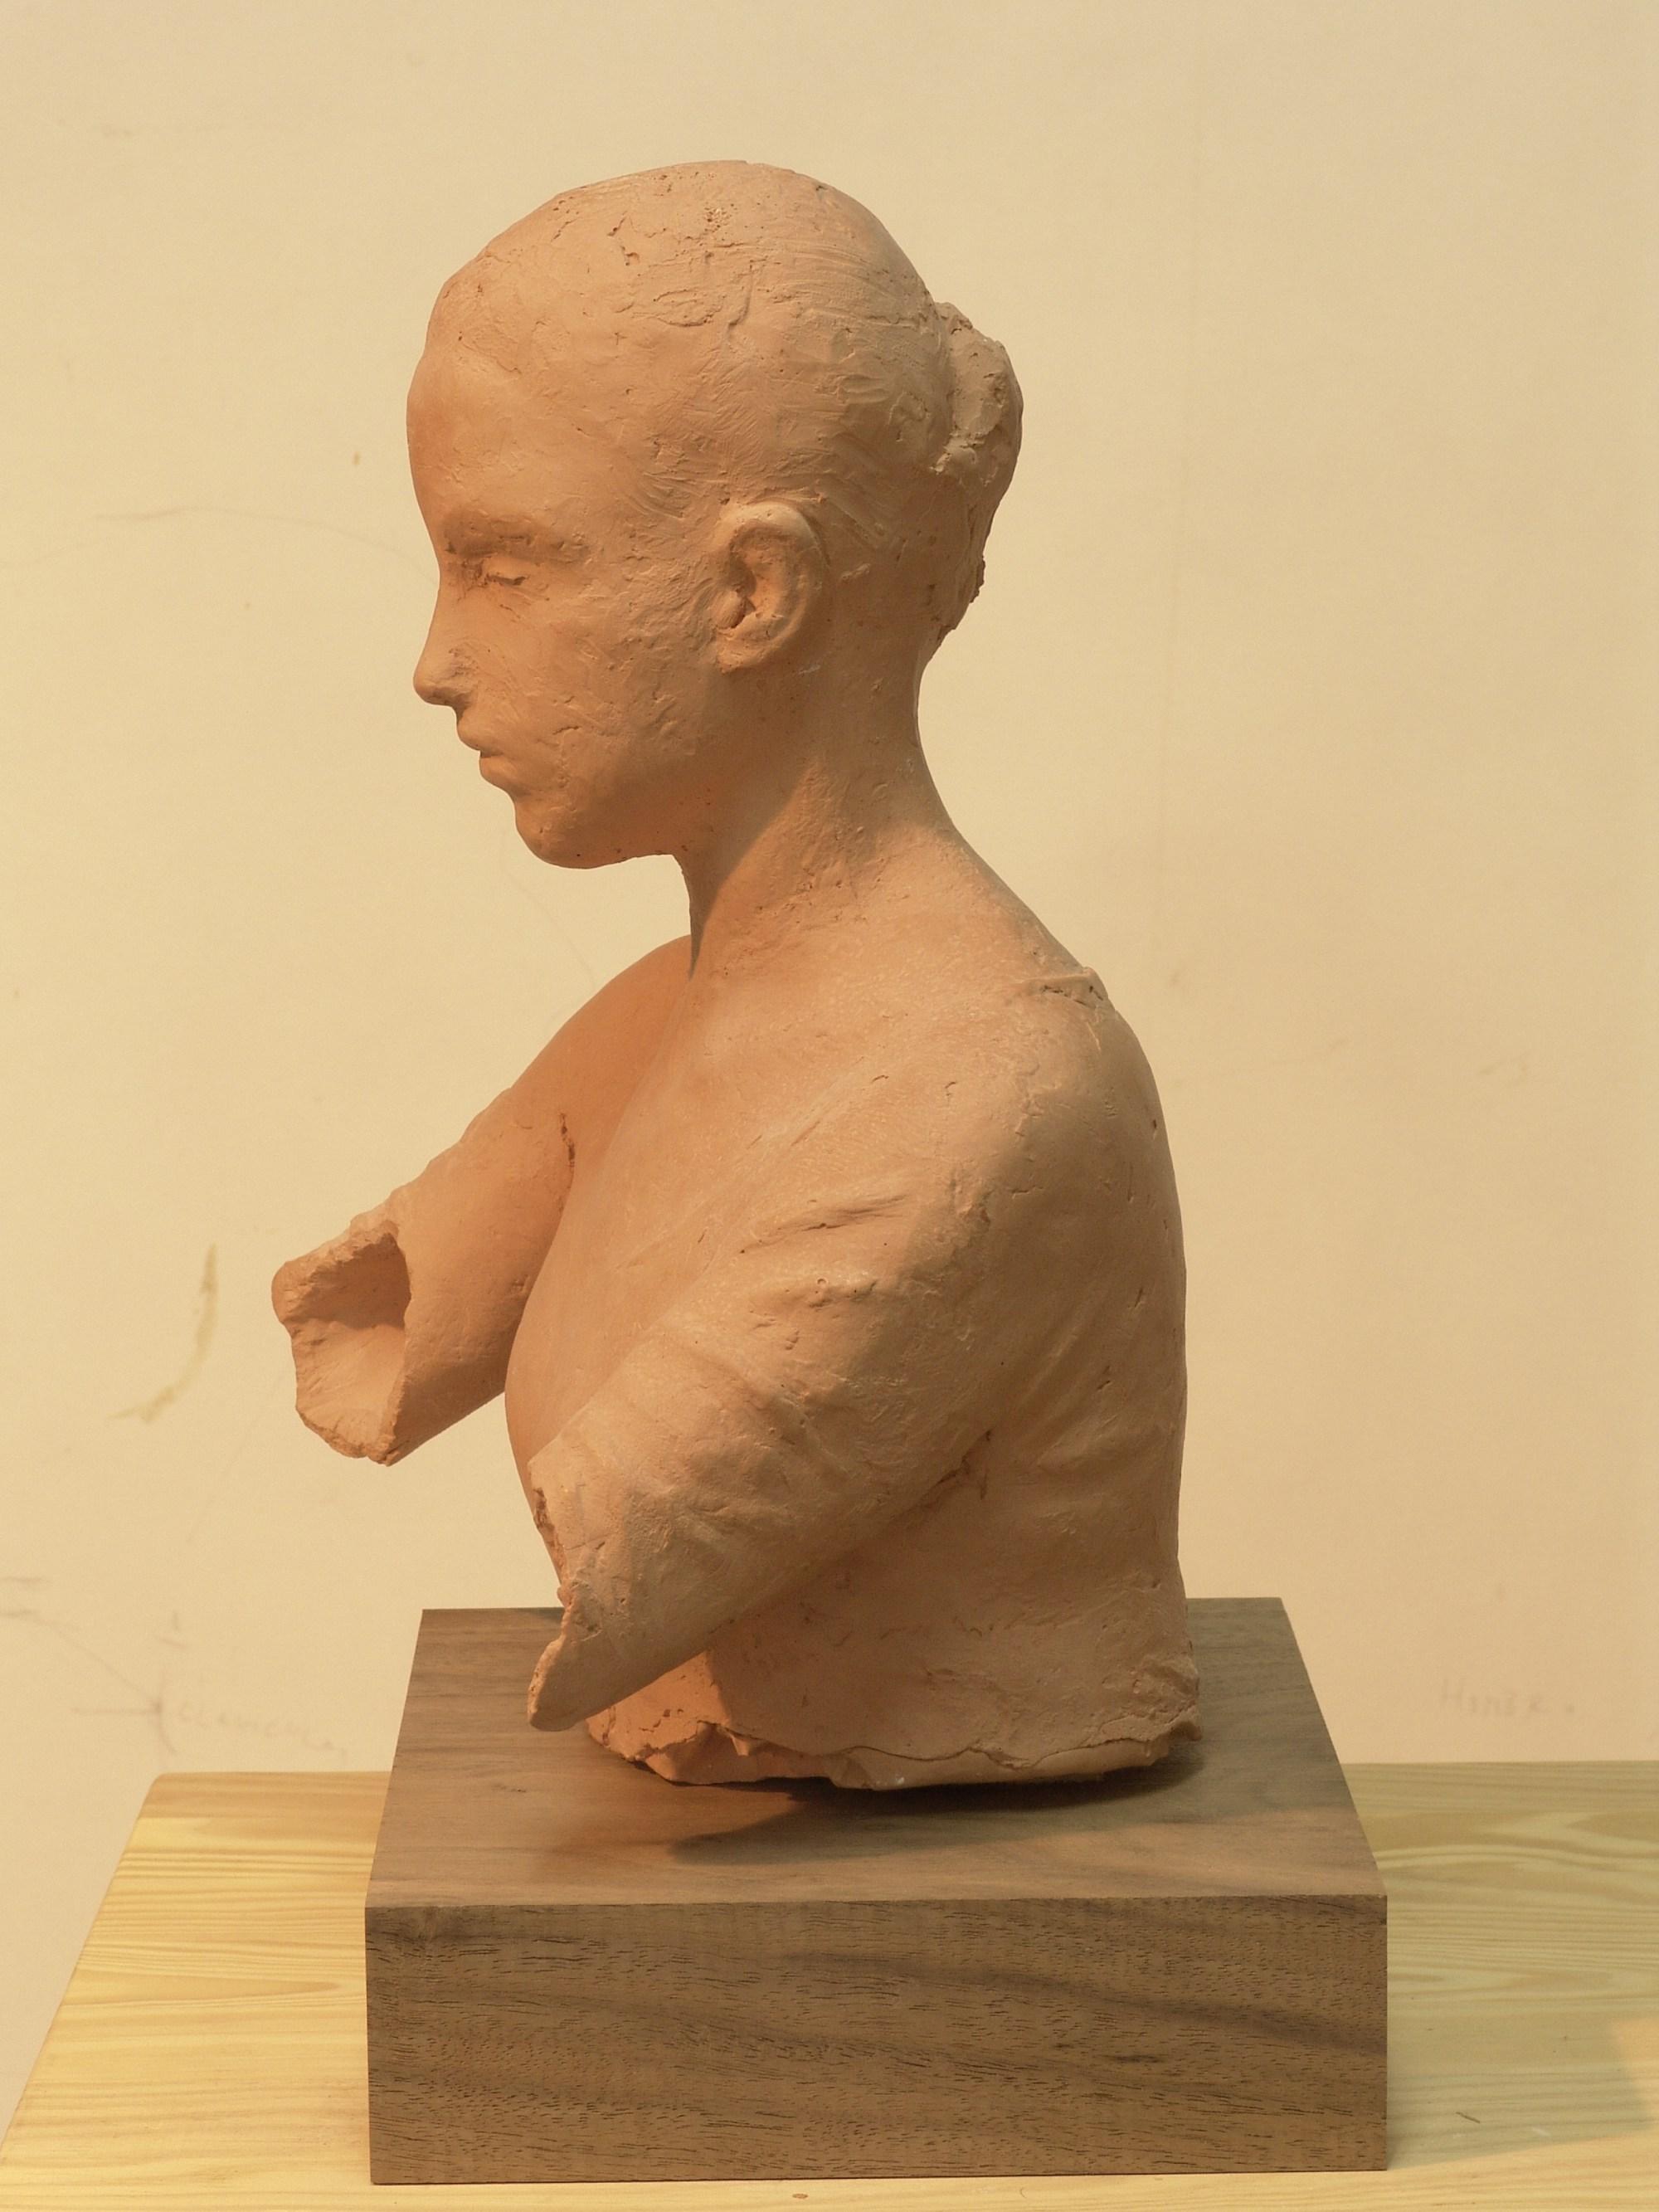 Pedro quesada  head  ceramiek  35x30x25 cm. %e2%82%ac 1000 00